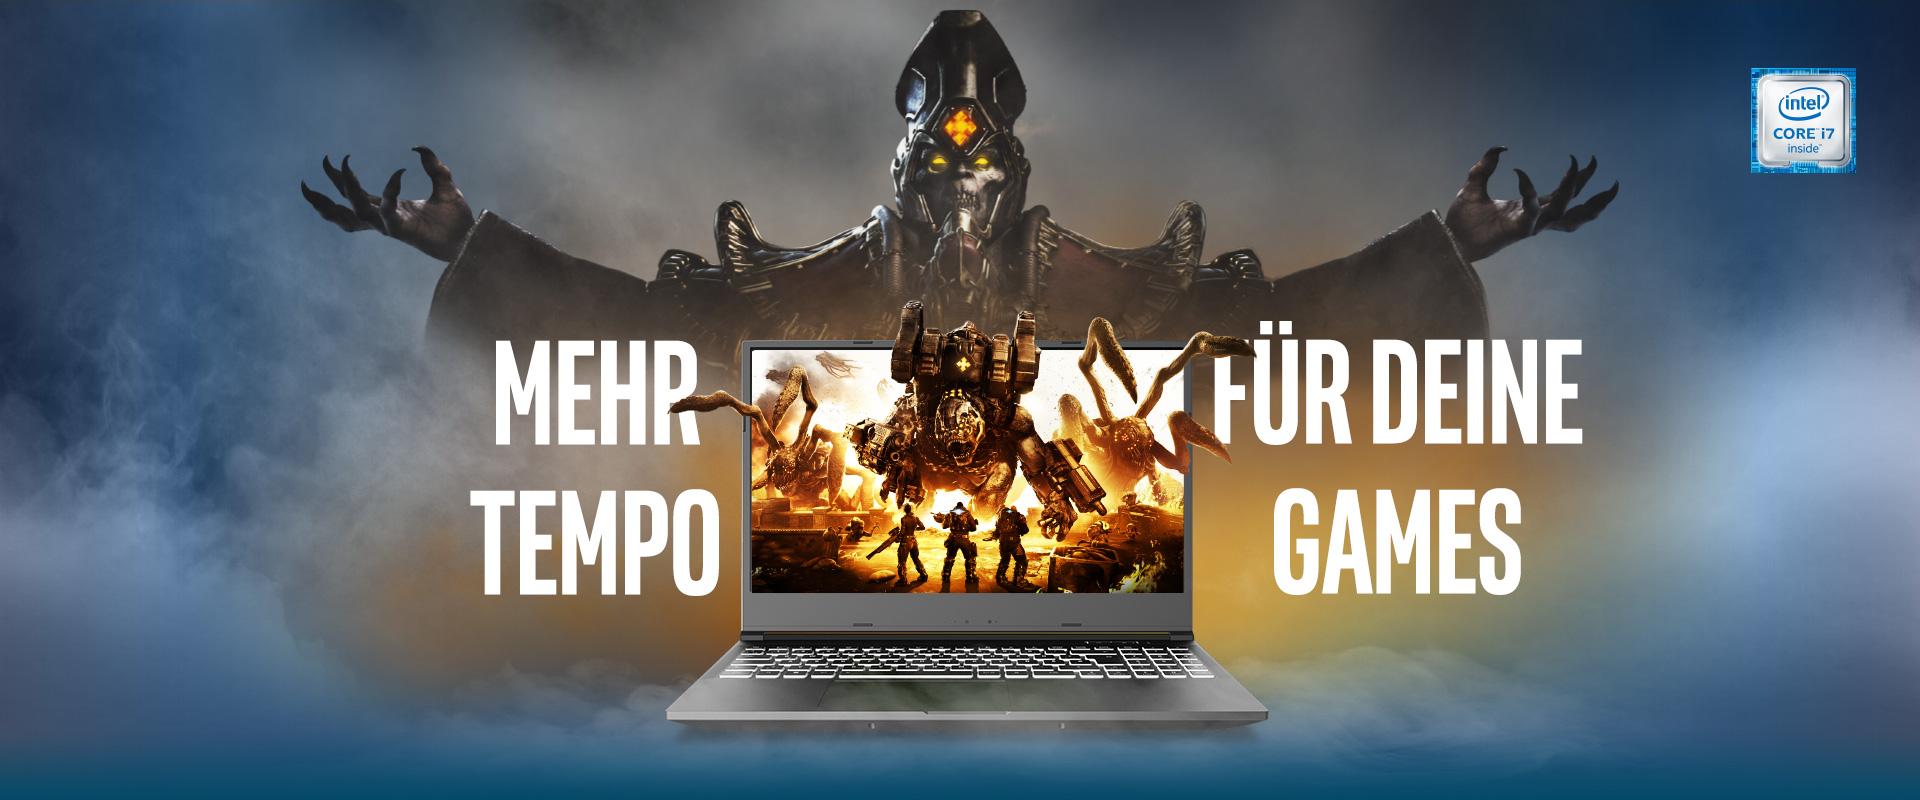 Mehr Tempo für deine Games